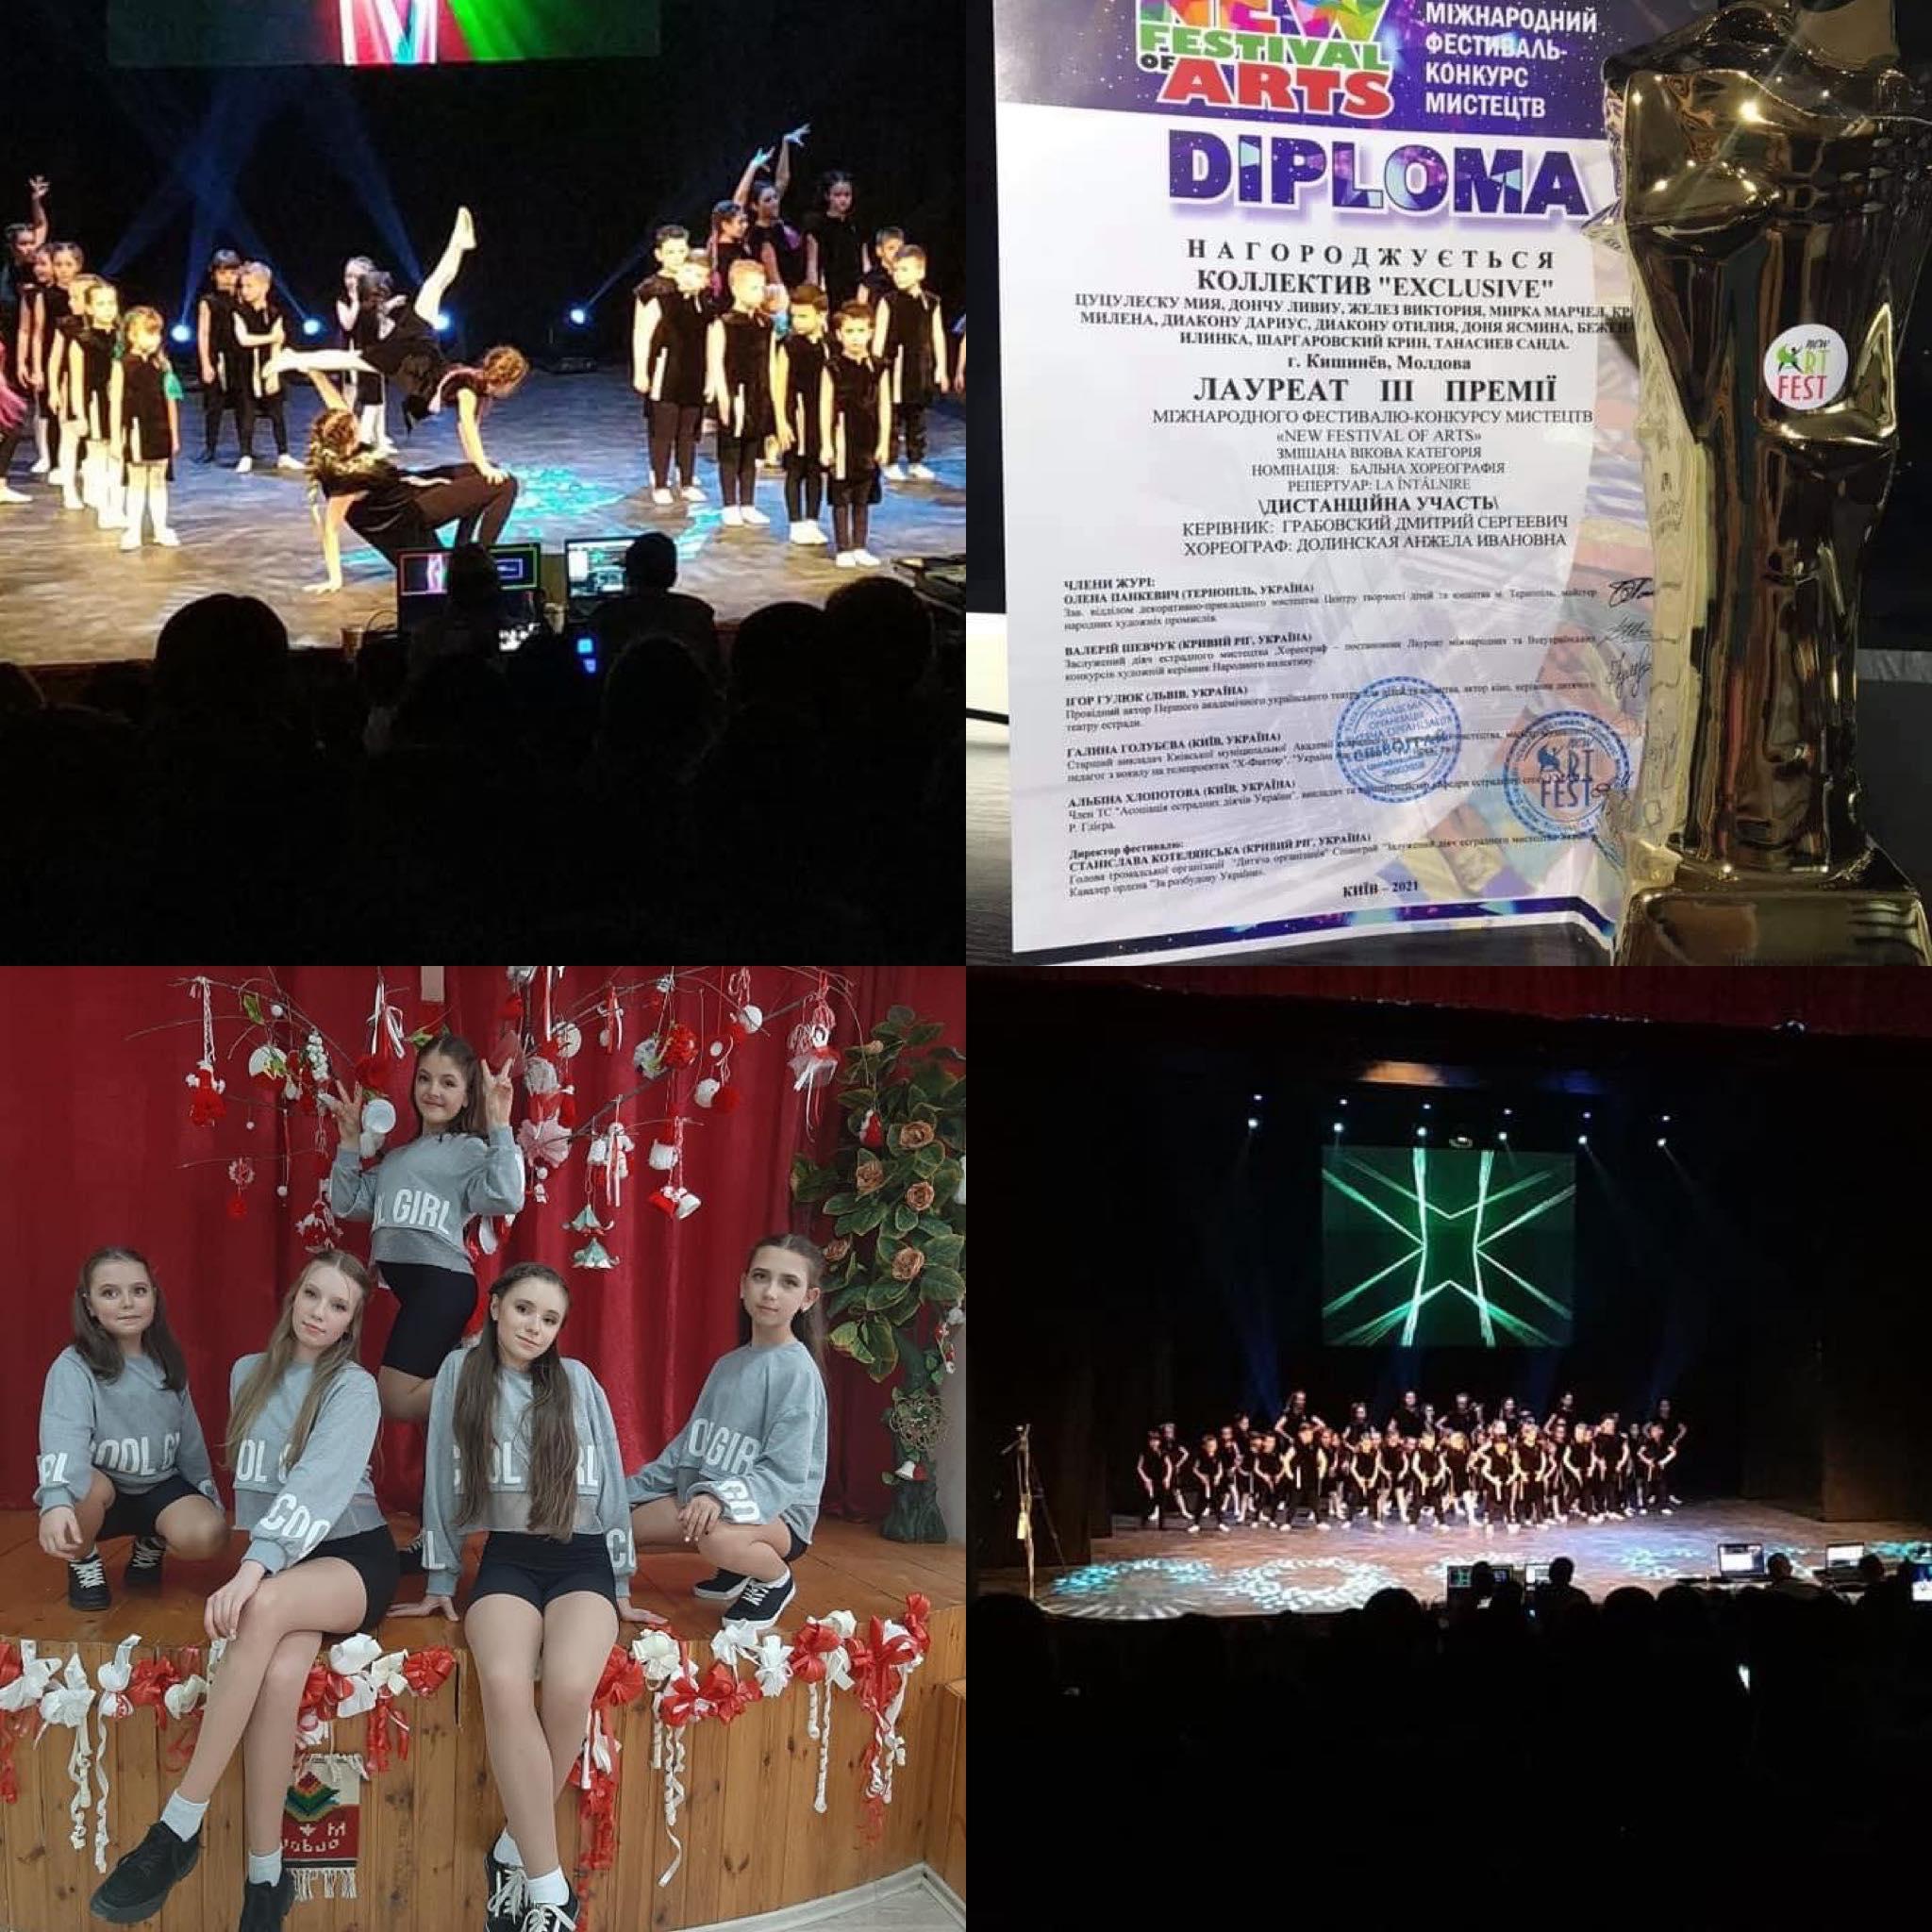 Grupul de dans Exclusive Dance Studio, a câștigat premii la concursul international New Fetival Arts